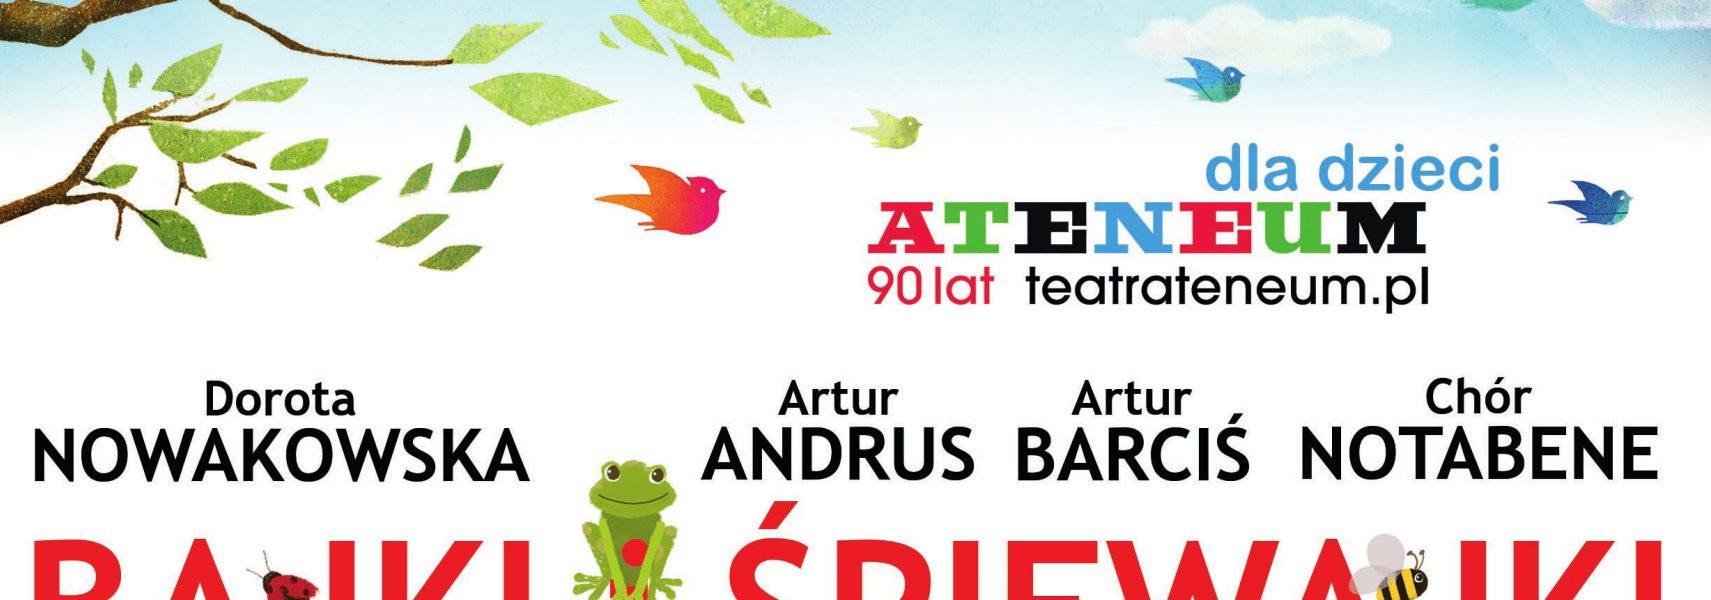 Zaproszenie na wyjątkowy spektakl z okazji Dnia dziecka w Teatrze Ateneum